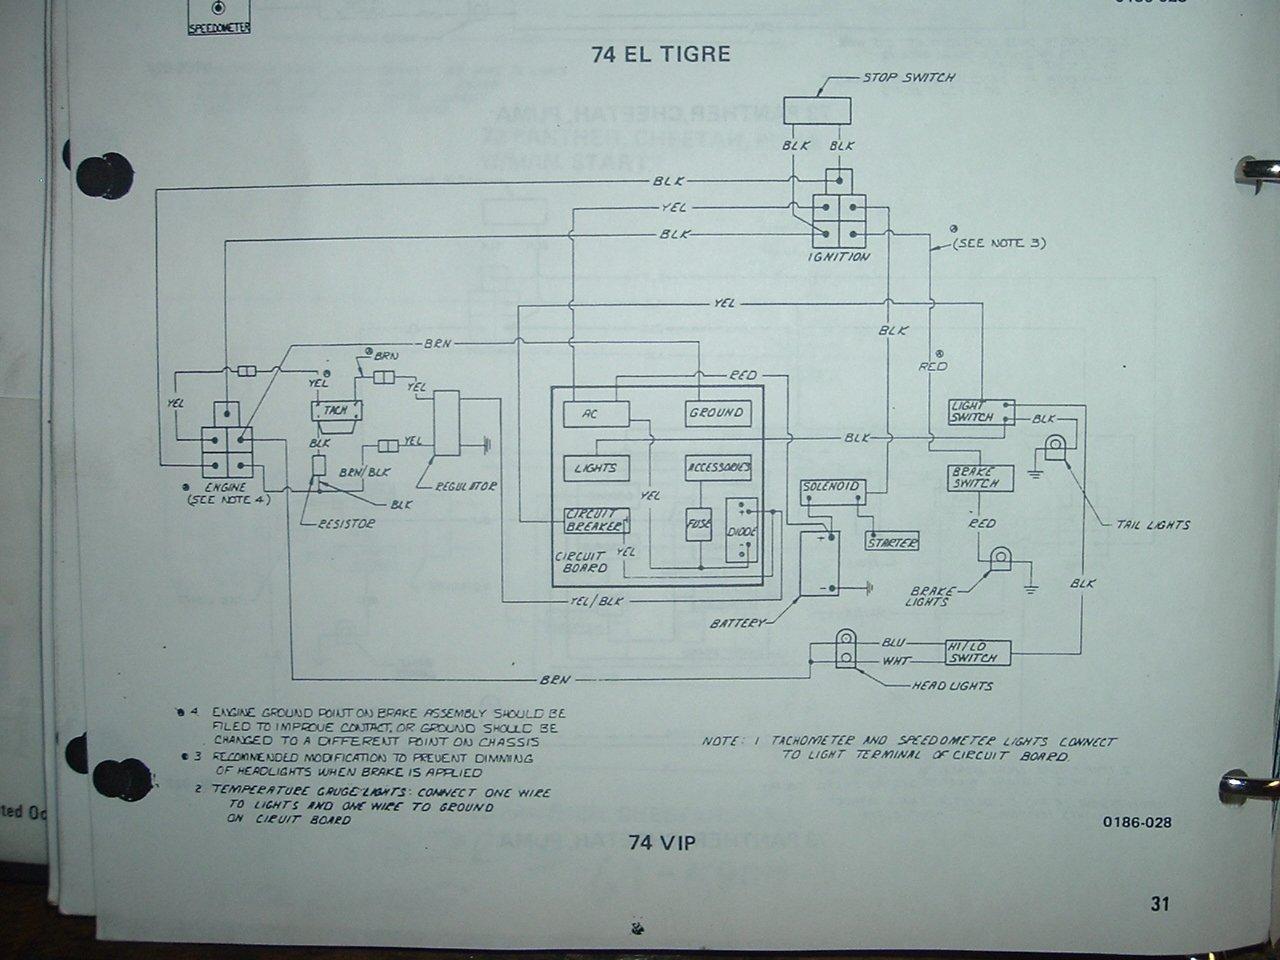 Vip Wiring Diagram Schematic - Complete Wiring Schemas